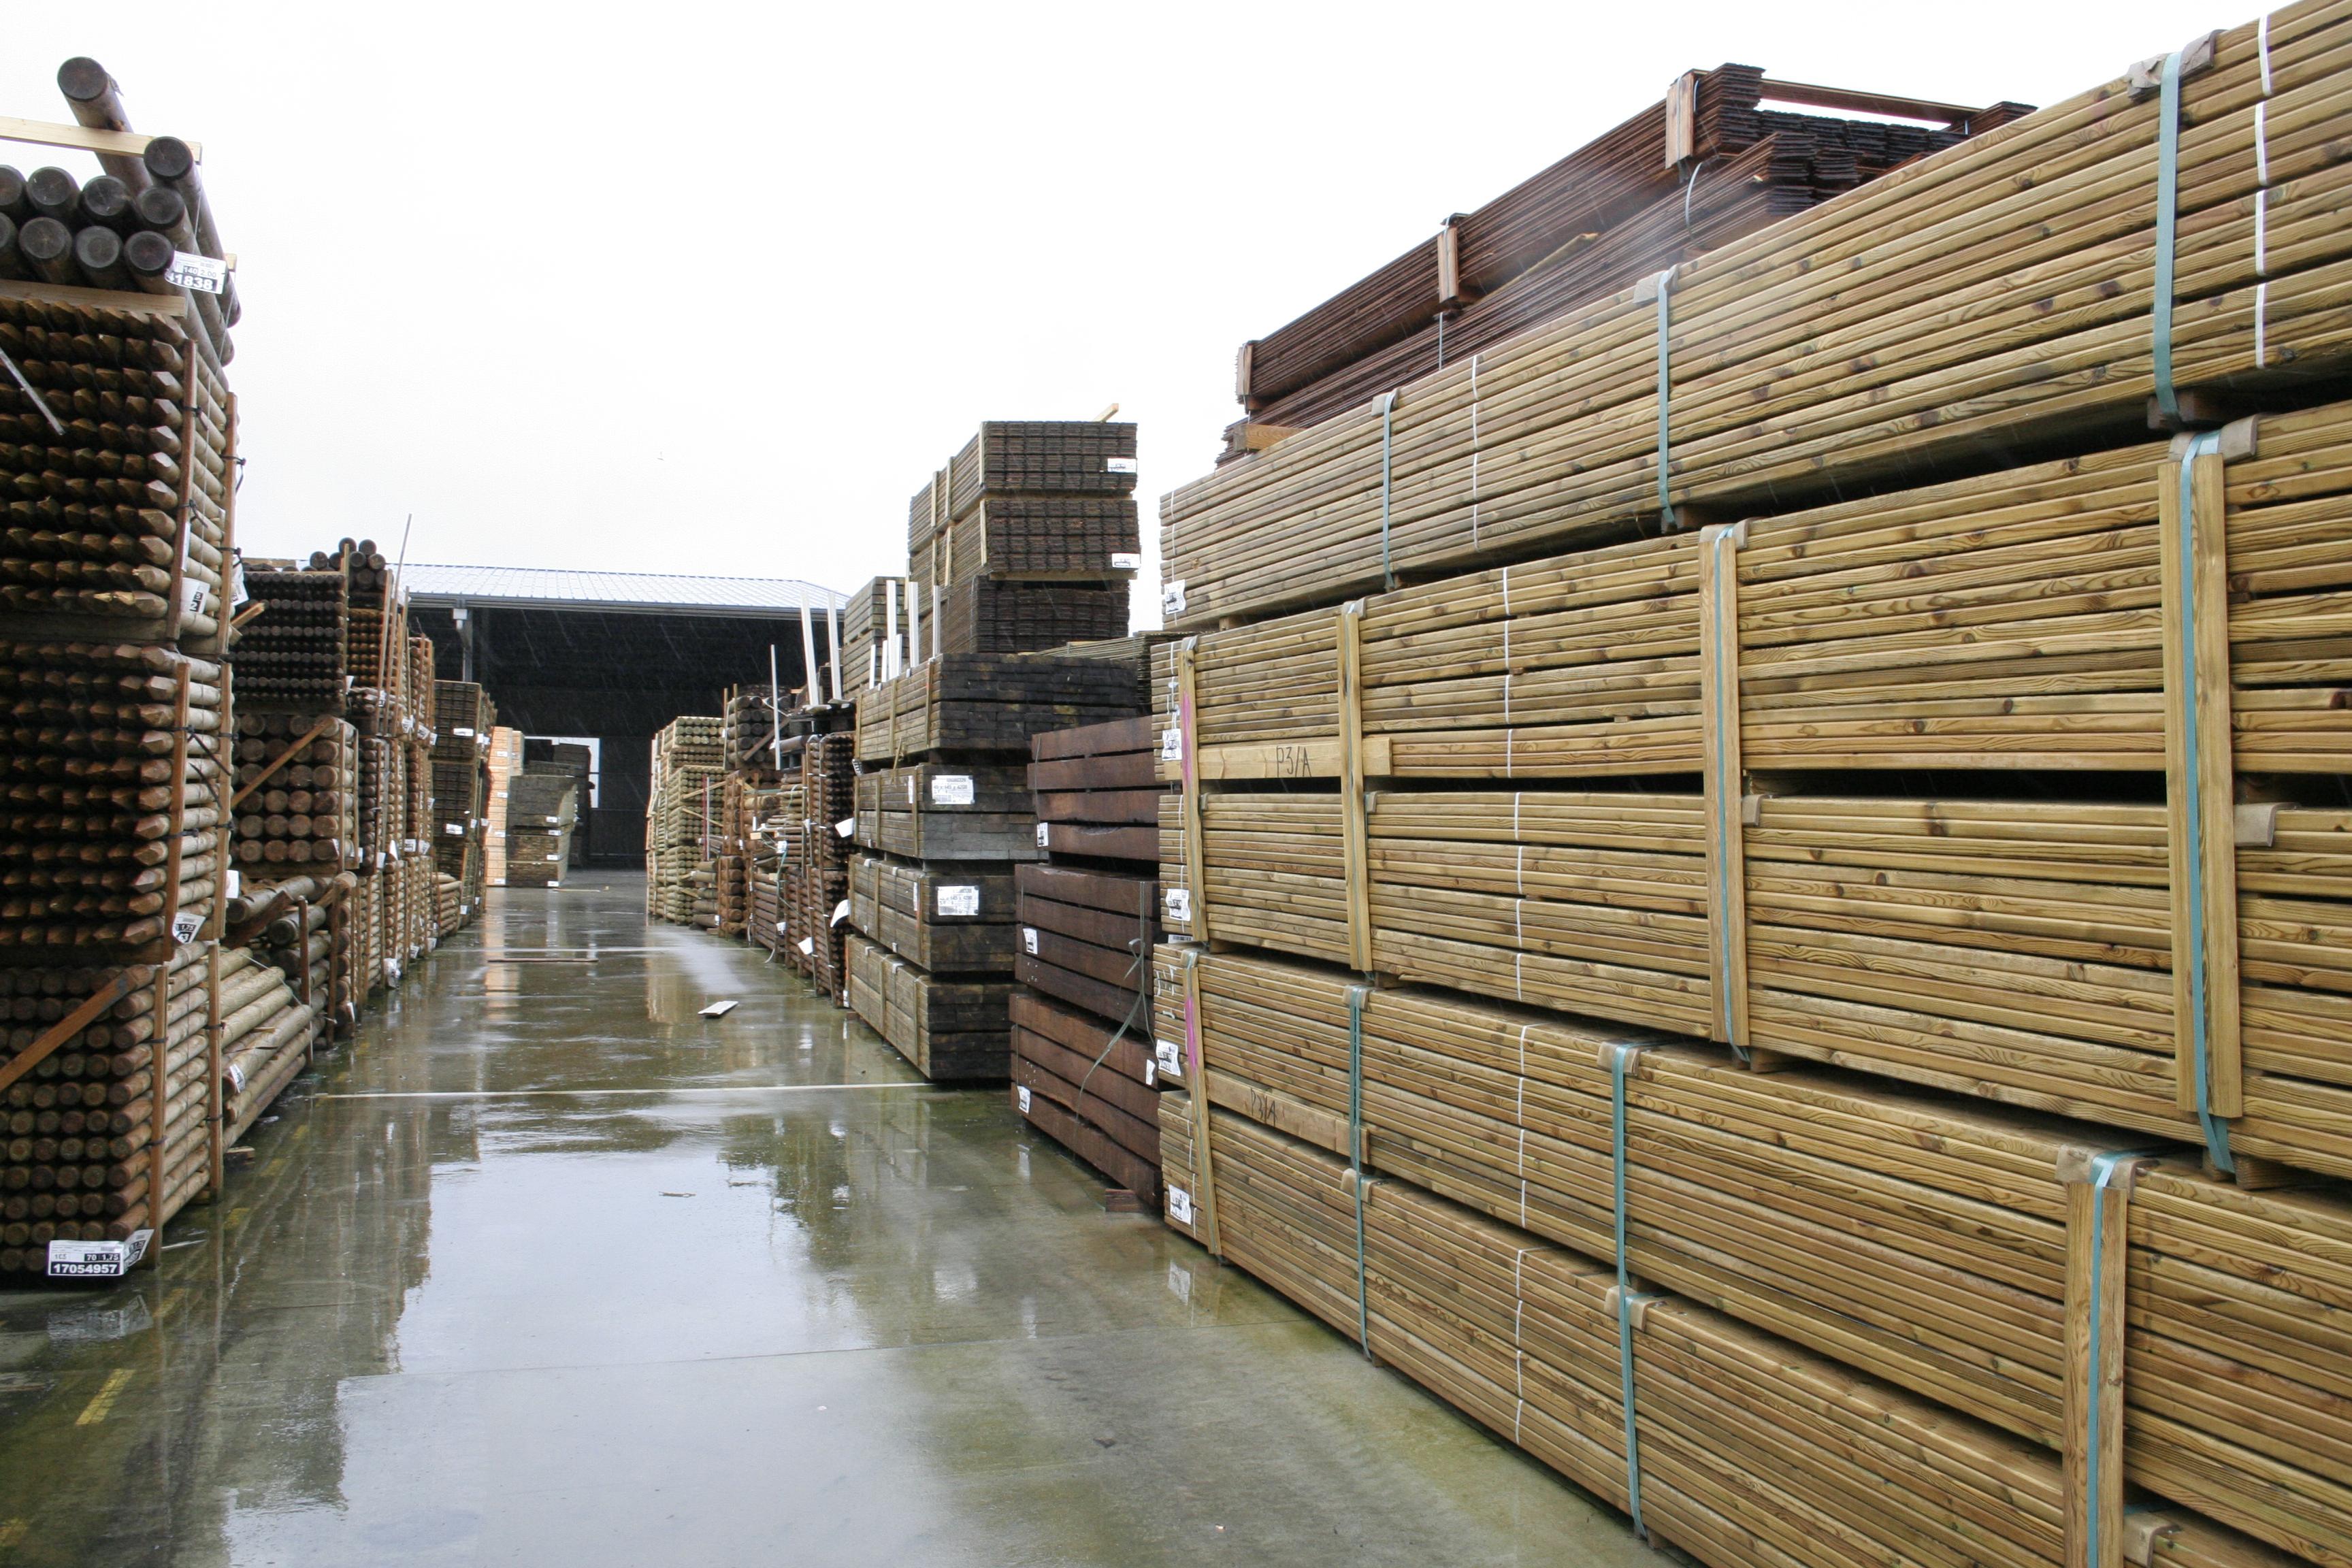 protac parie sur le bois de qualit certifi industrie n goce. Black Bedroom Furniture Sets. Home Design Ideas